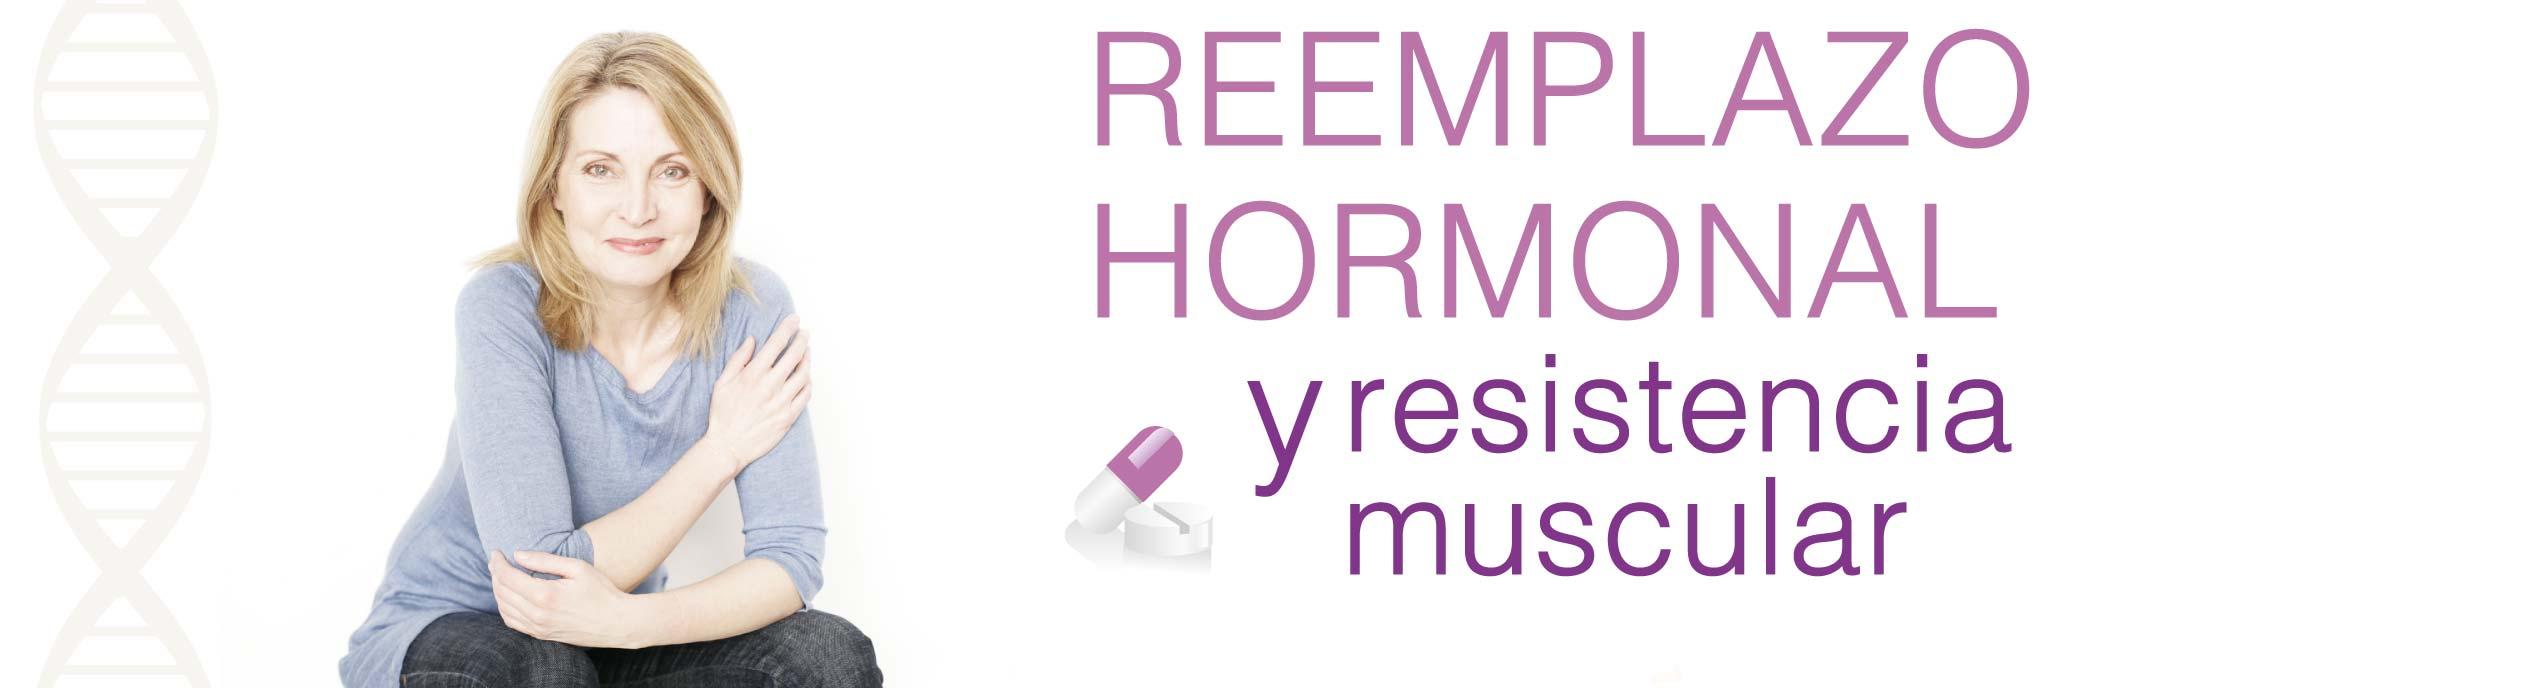 Reemplazo hormonal y resistencia muscular